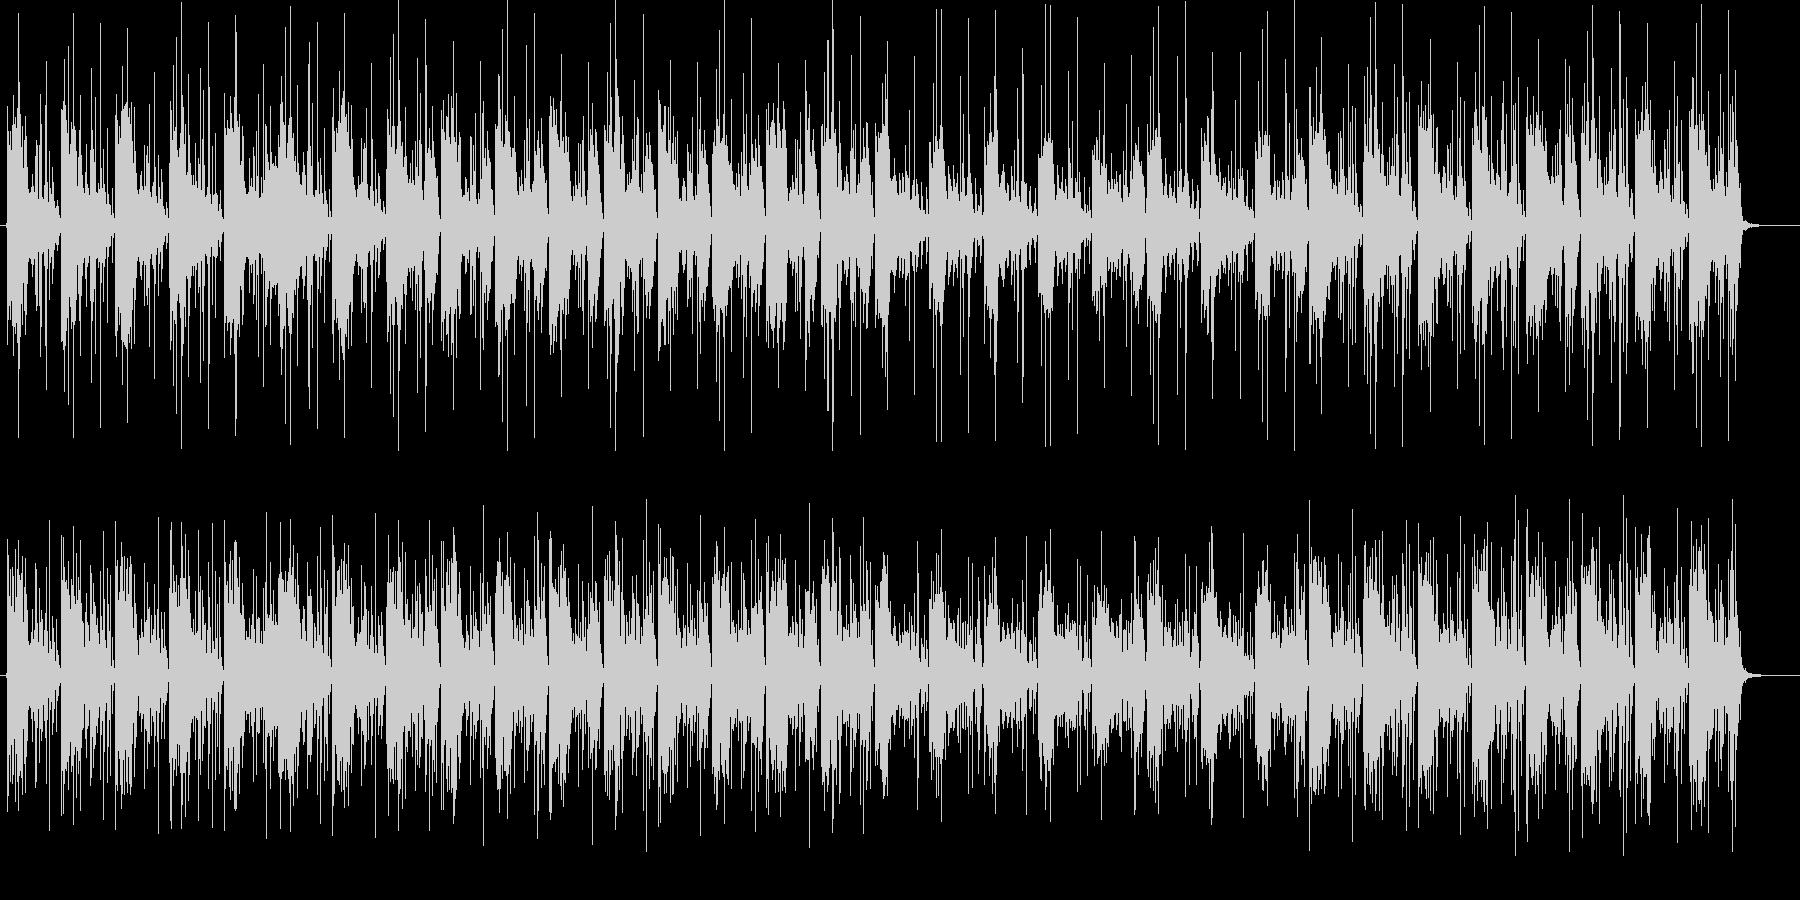 ミステリアスなシンセサイザーサウンドの未再生の波形